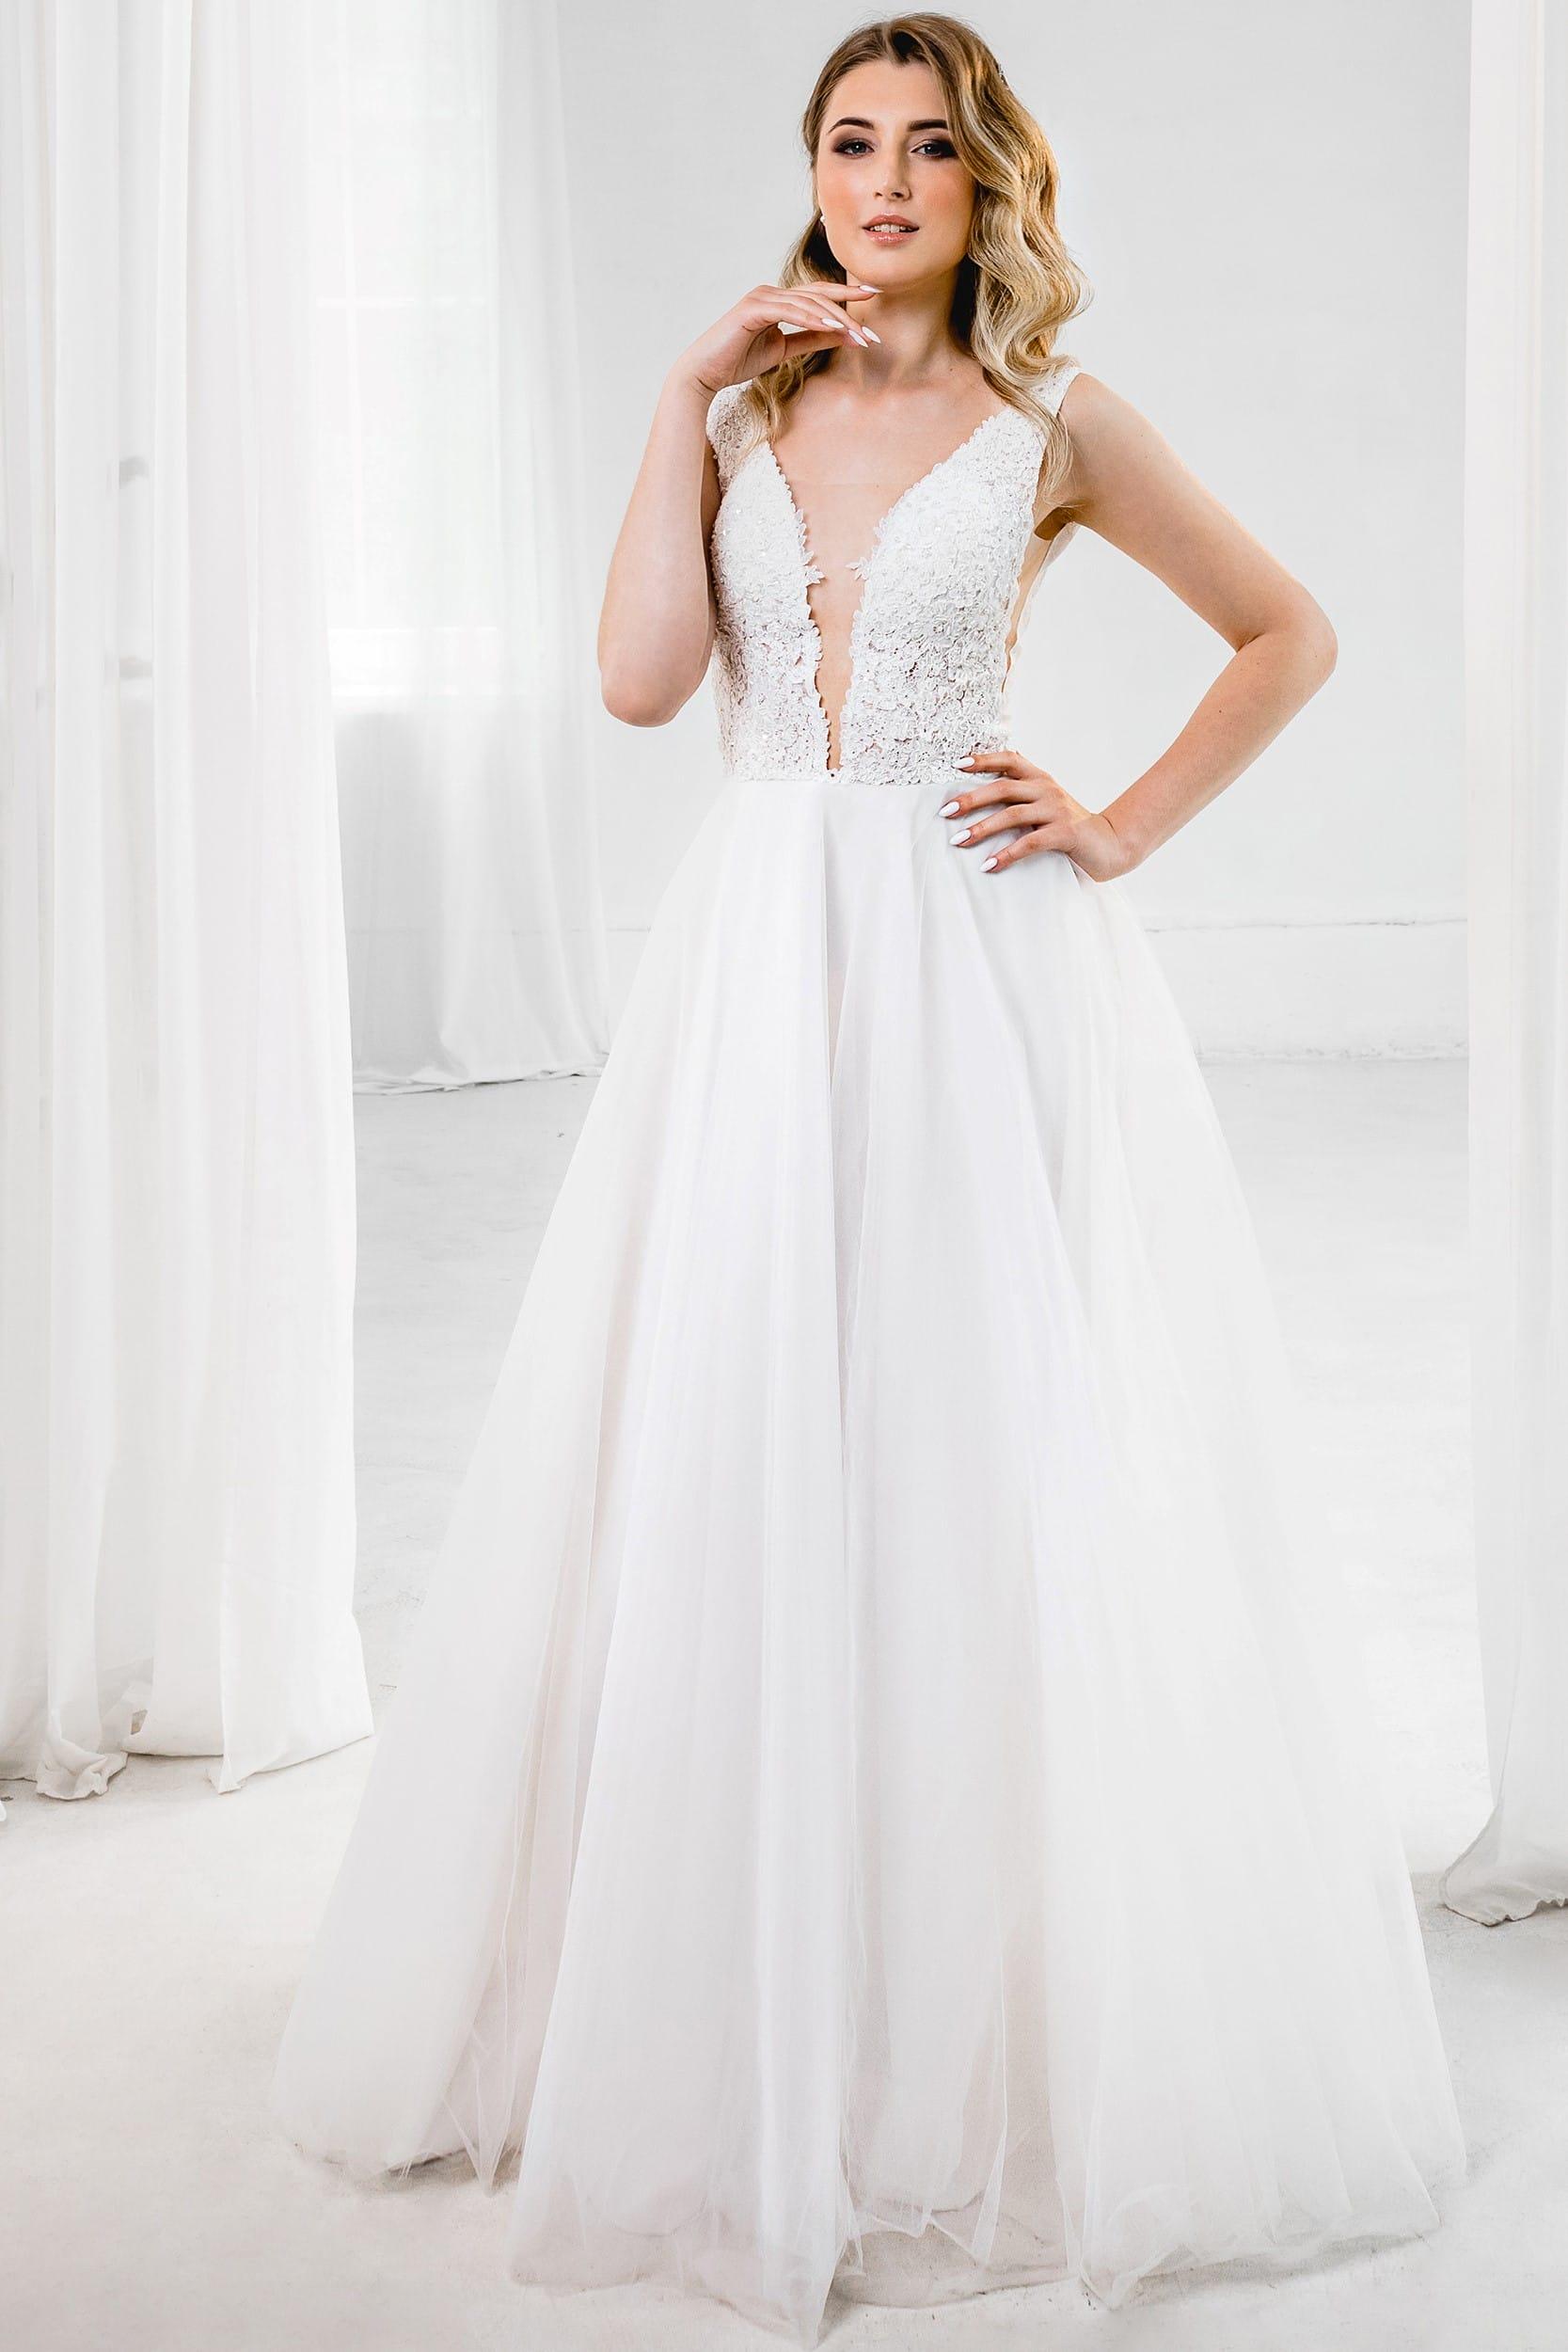 Свадебное платье с открытым декольте и открытой спиной, без рукавов. А-силуэт, классический стиль, цвет молочный